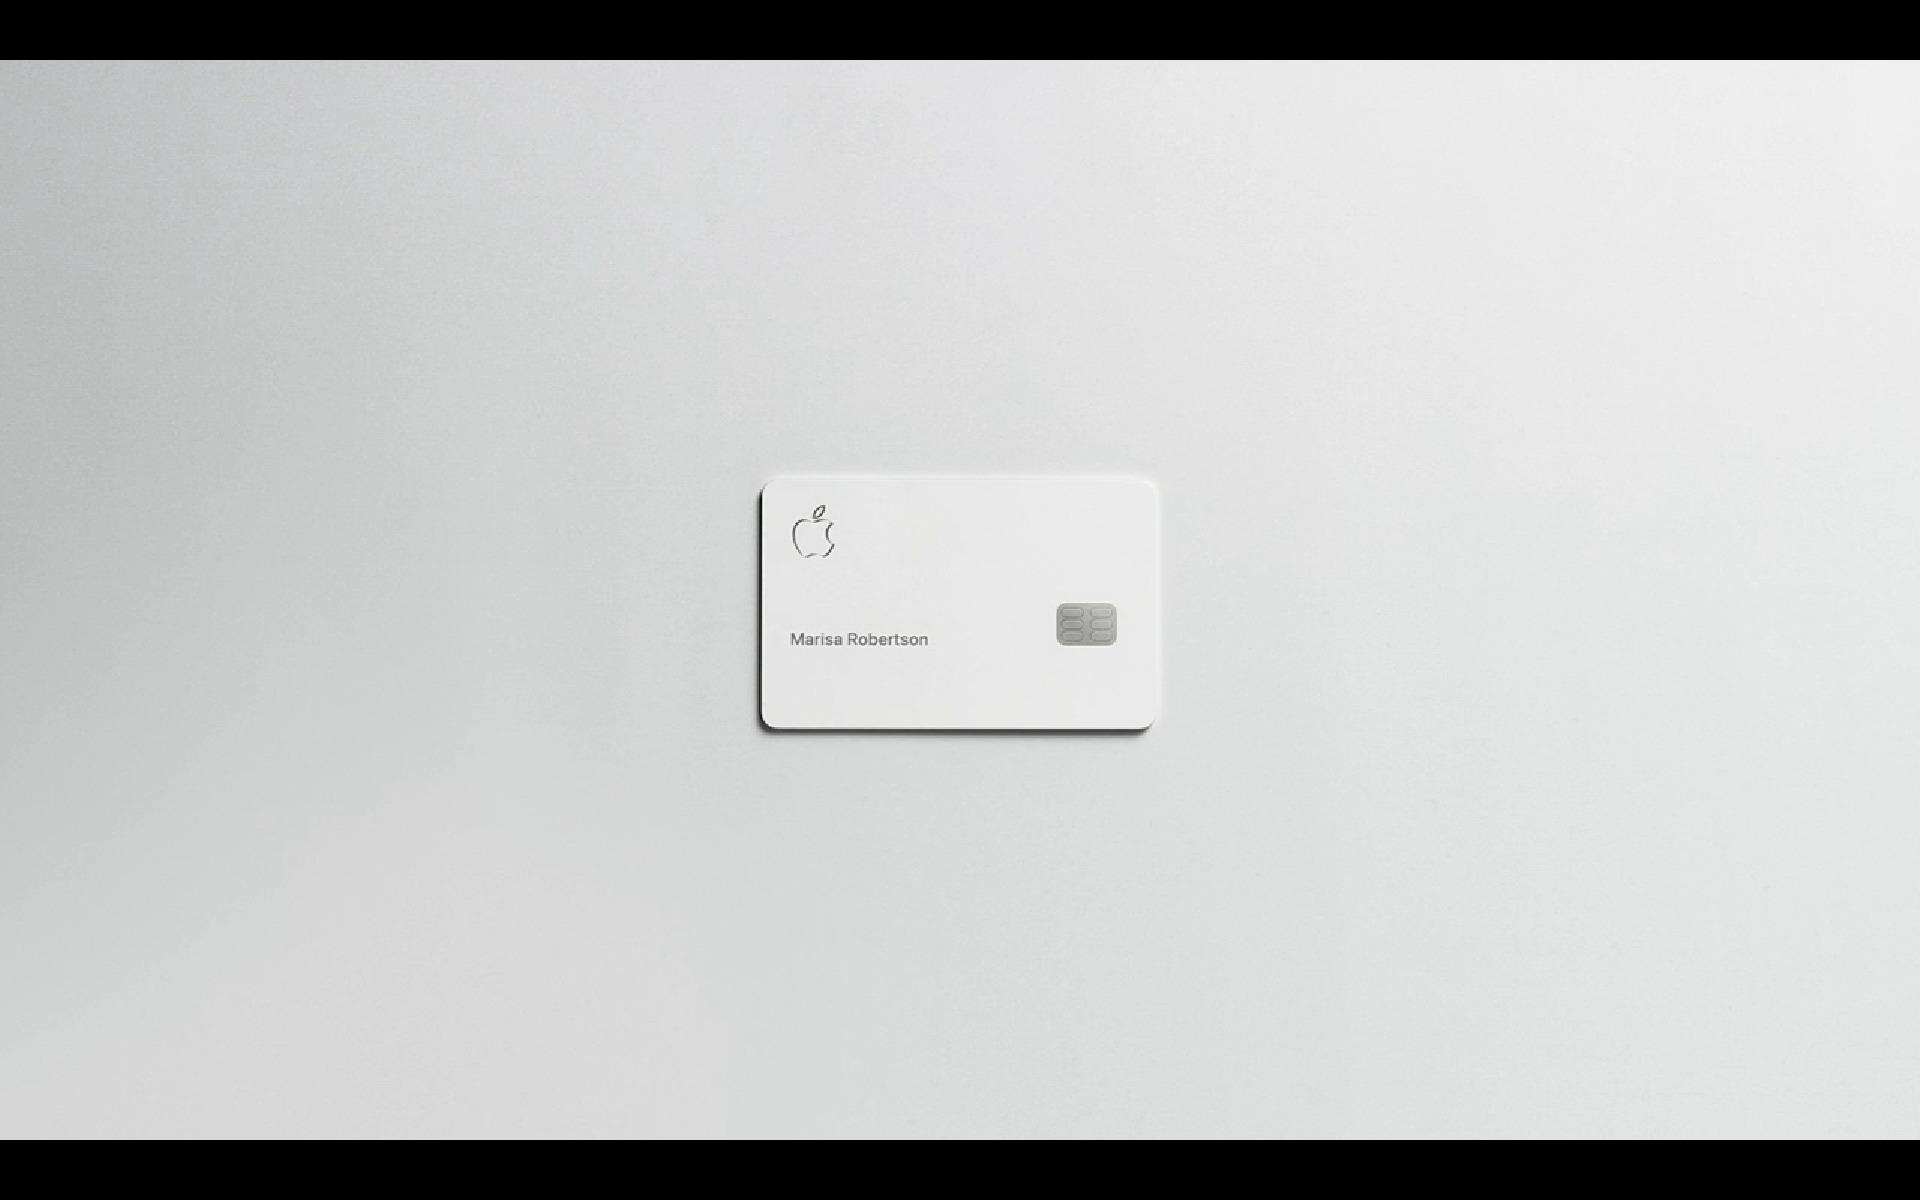 Apple lance sa propre carte bancaire pour devenir une banque à part entière